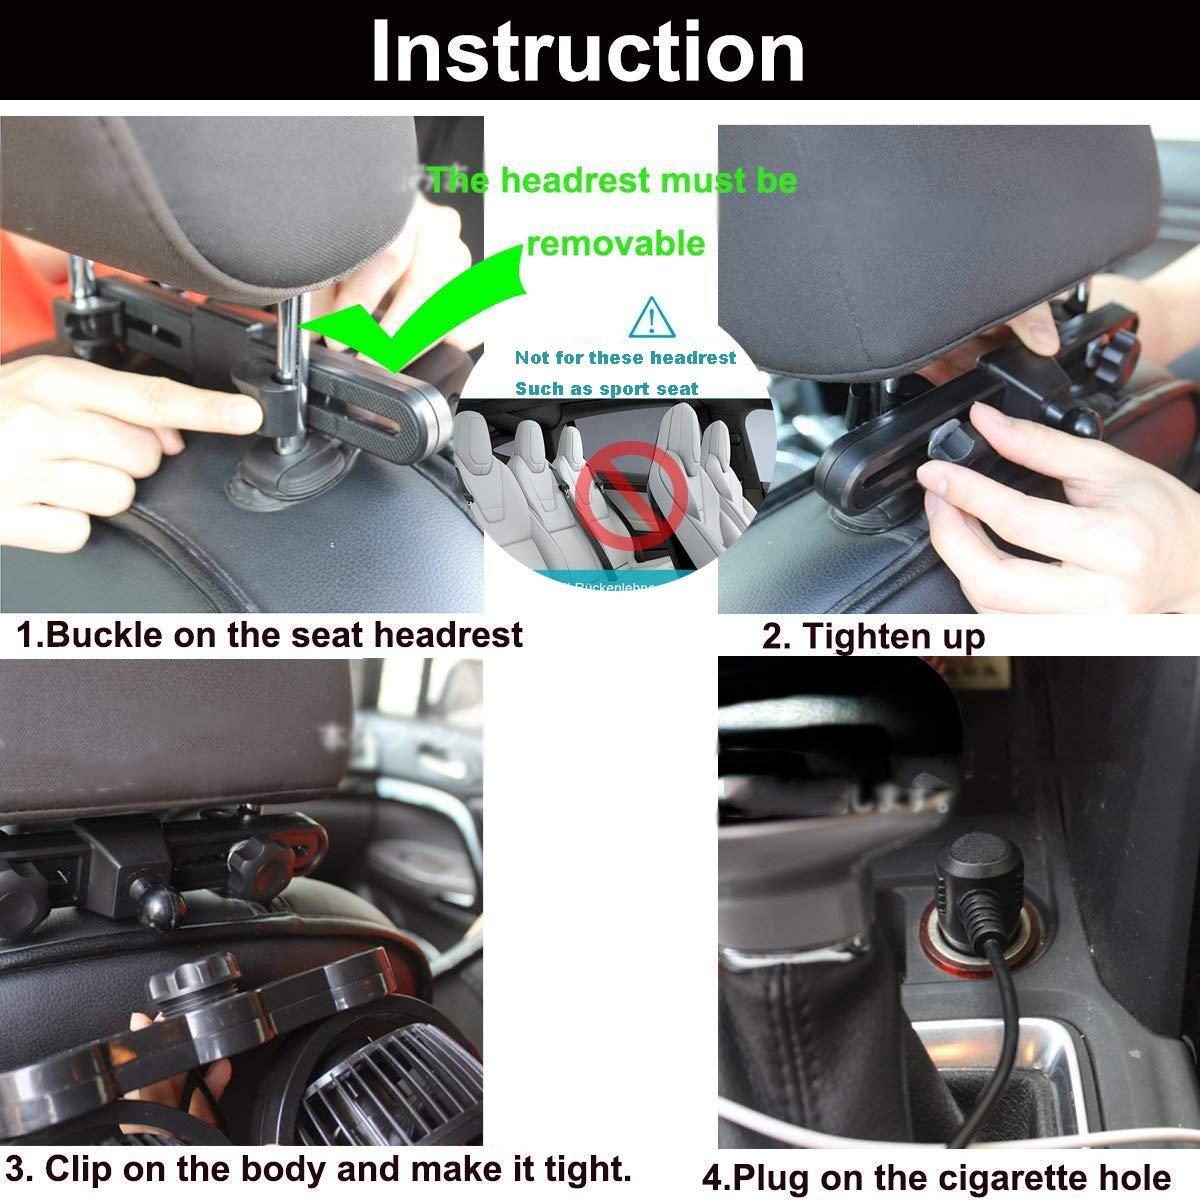 SEAMETAL Car Fan for Back Seat, Car Seat Fan Cigarette Lighter, Fan for Car 12V Headrest Black 4inches (Blue) by SEAMETAL (Image #7)